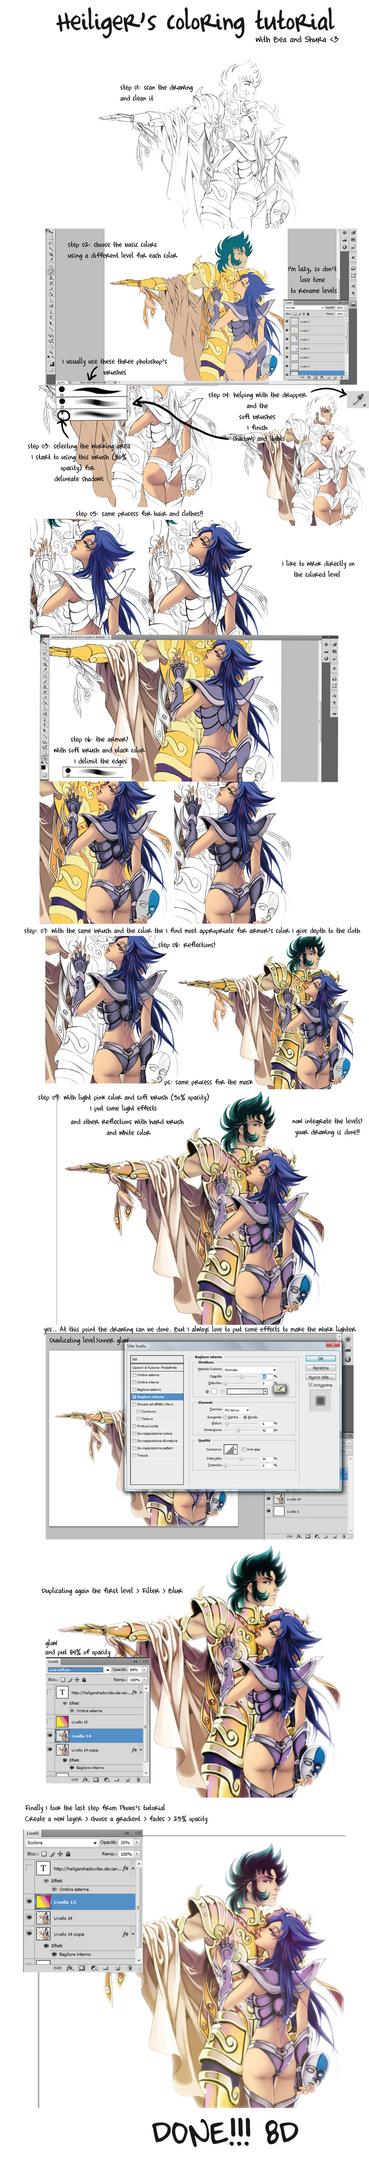 heiliger's coloring tutorial by Blatterbury